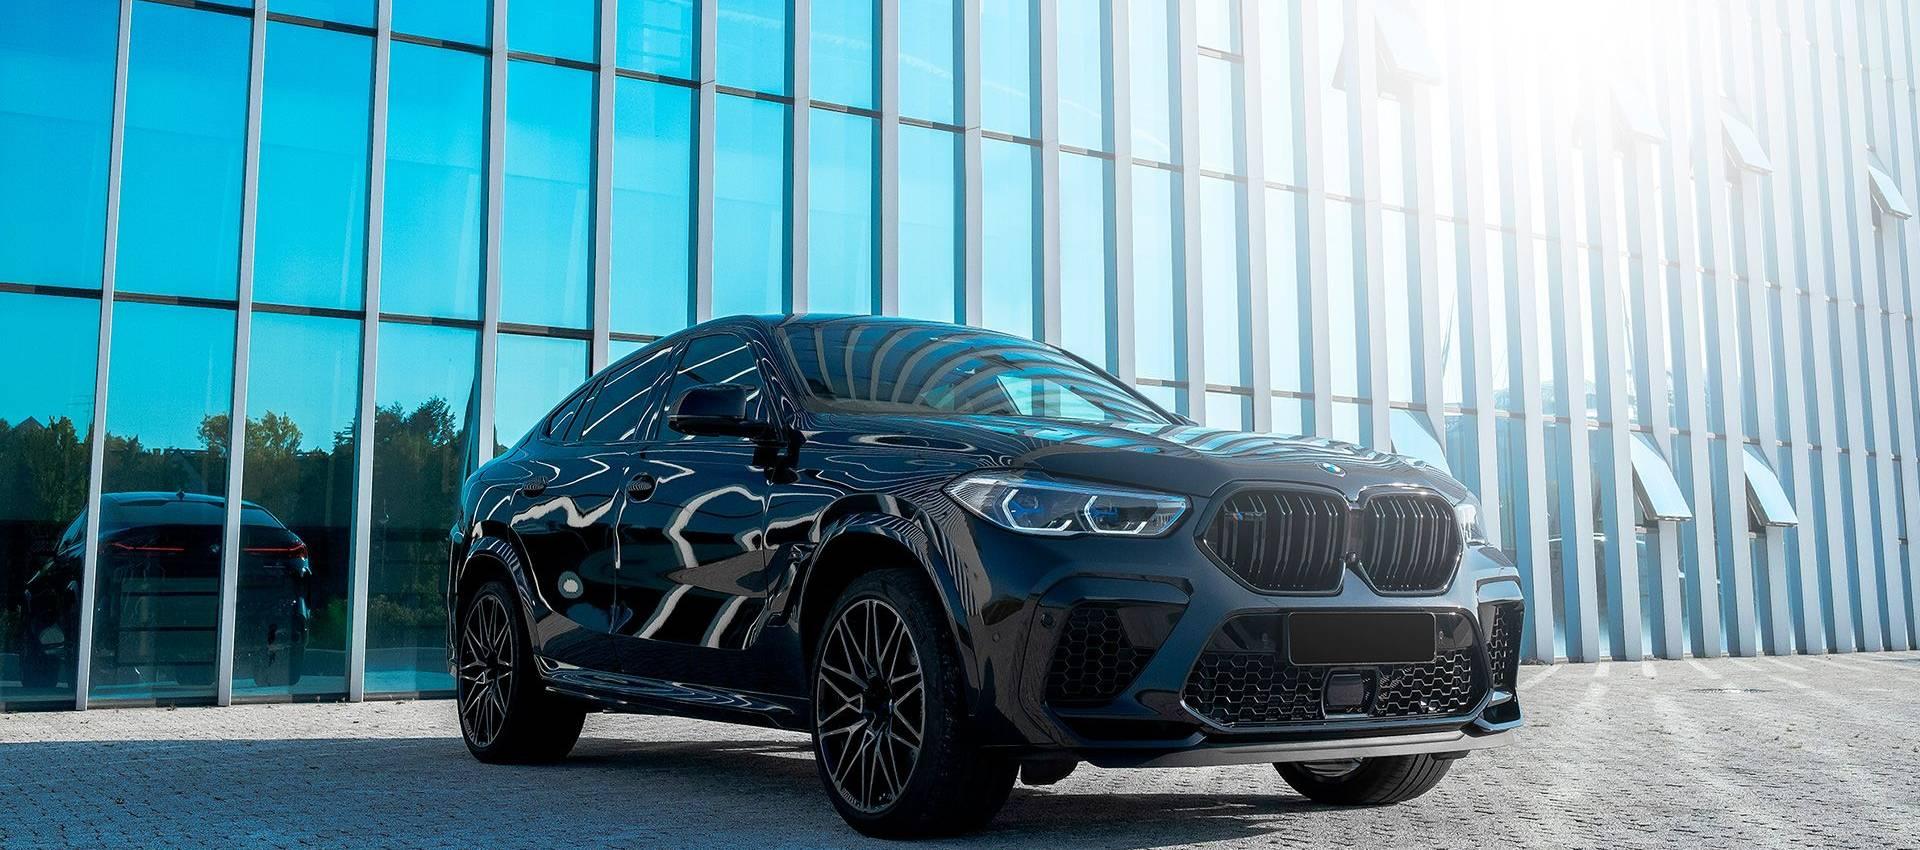 Аренда BMW X6 Competition в Москве